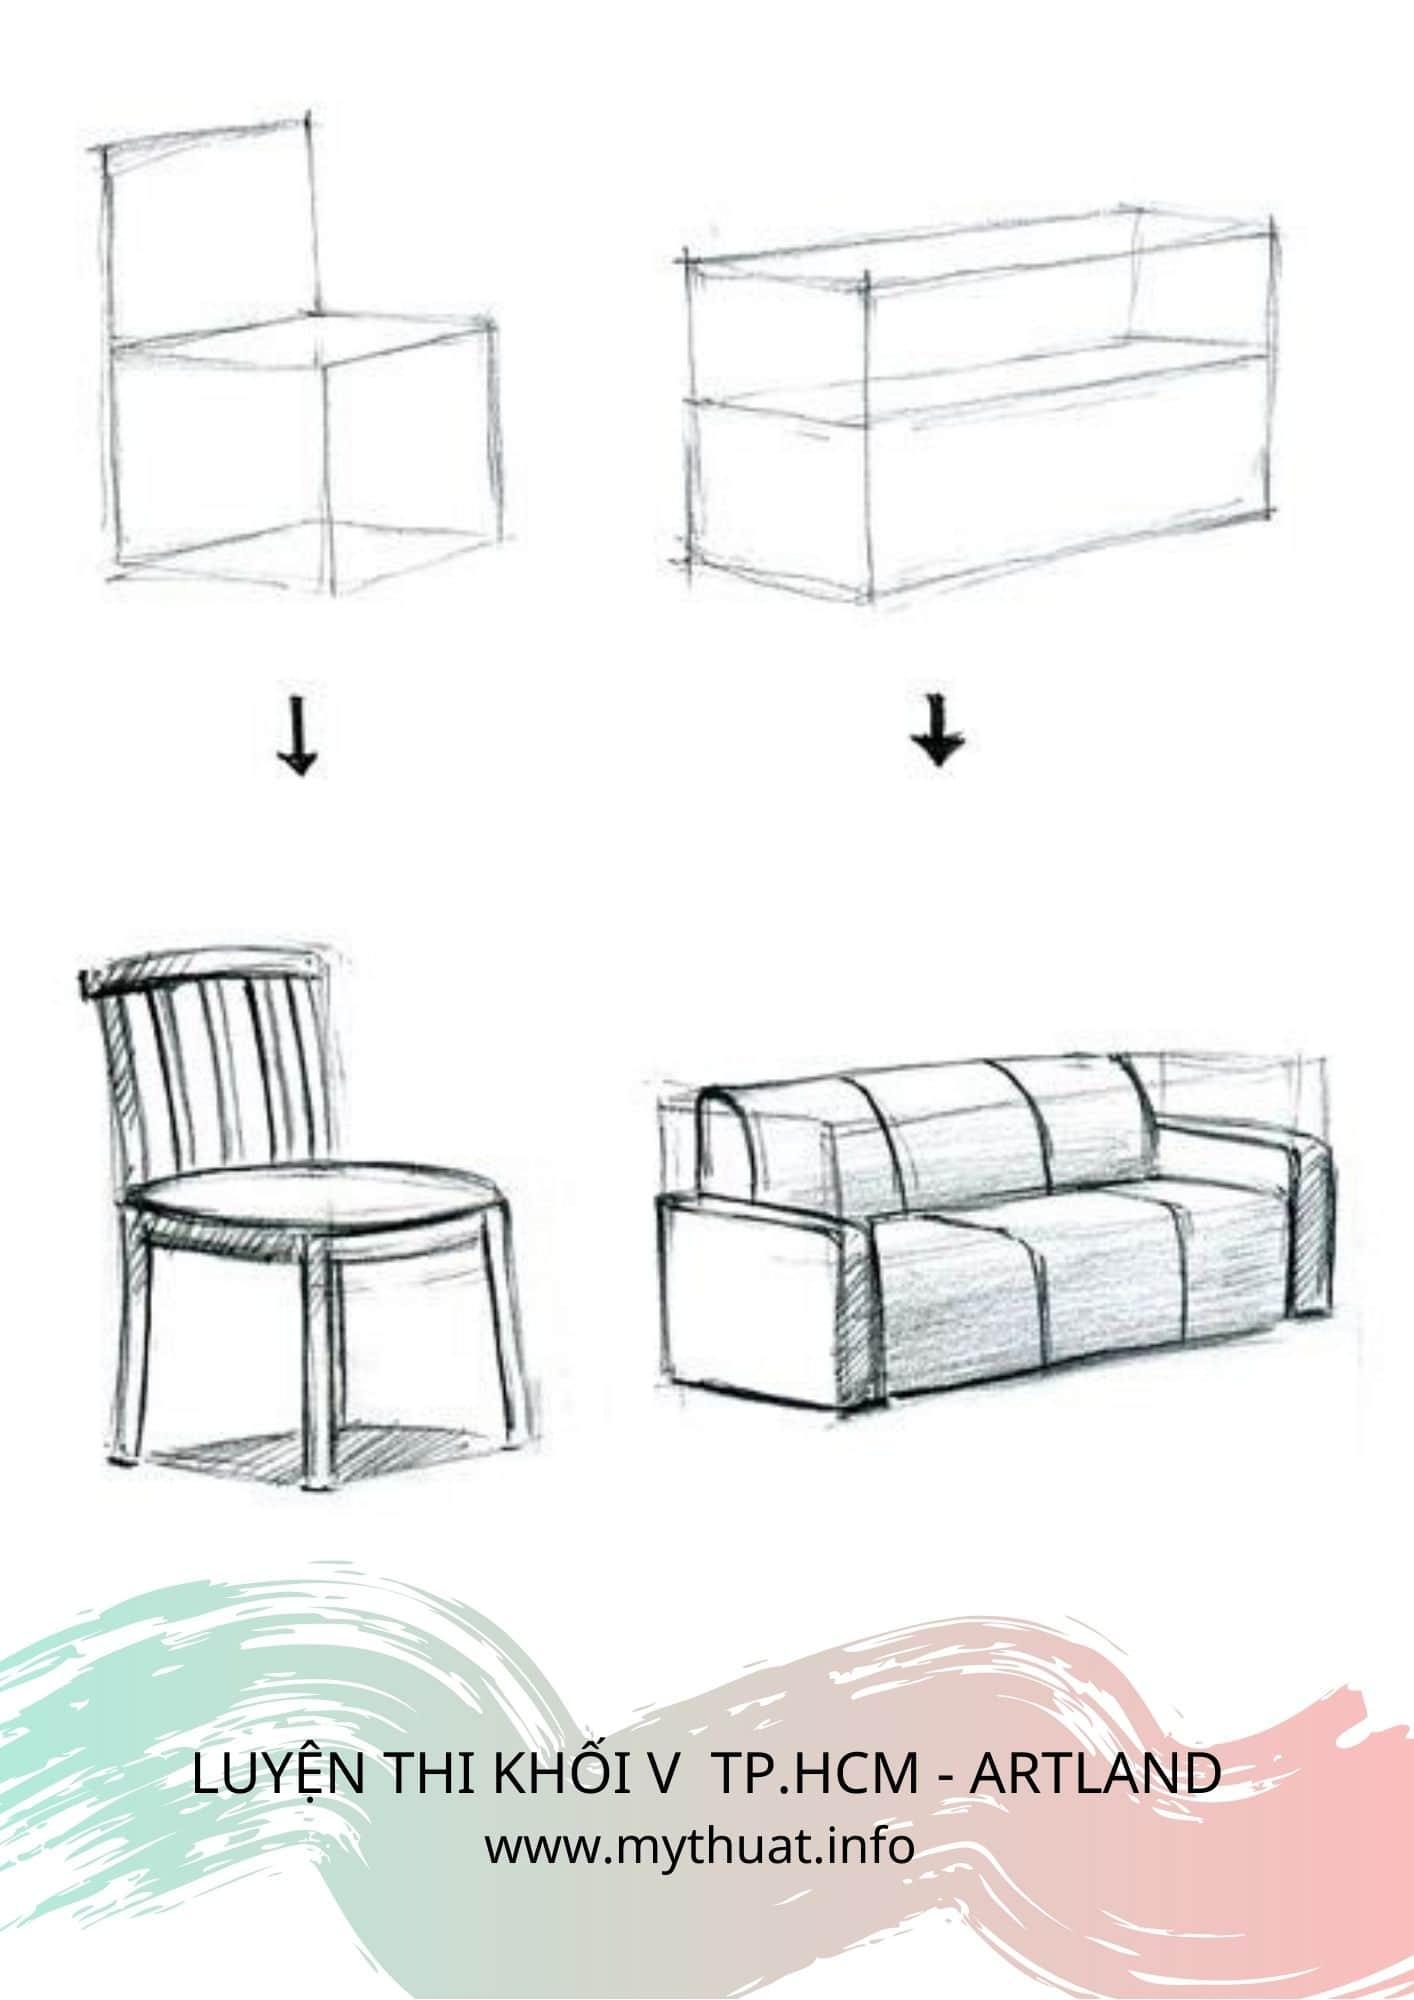 Hình 5: Vẽ mẫu vật từ khối vuông (Nguồn: Printerest)